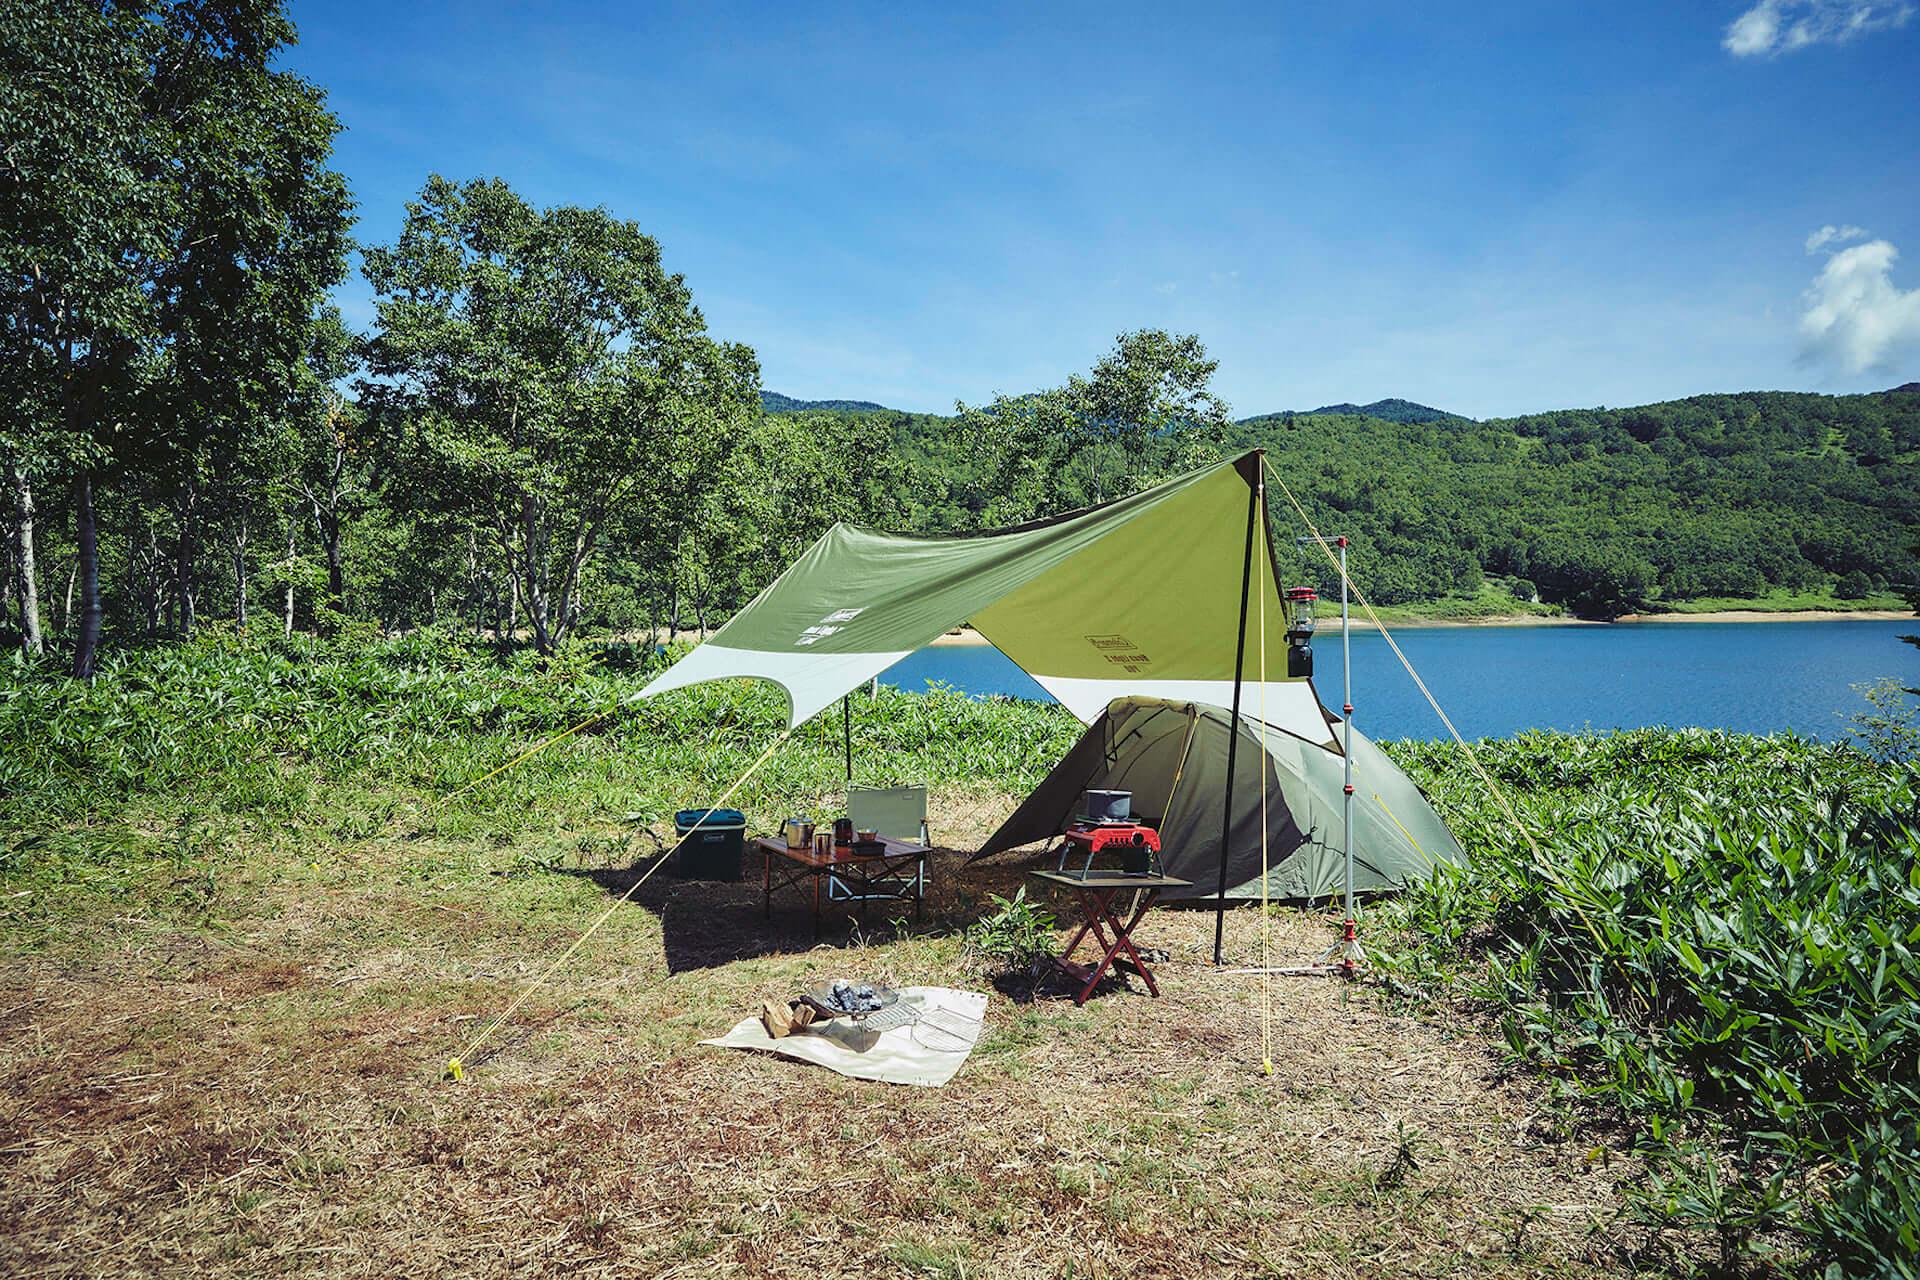 ソロキャンプにもおすすめなテント、ヘキサタープがコールマンから登場!『ツーリングドーム』『ヘキサライトⅡ』など全4種が発売決定 lf210114_coleman_2-1920x1280